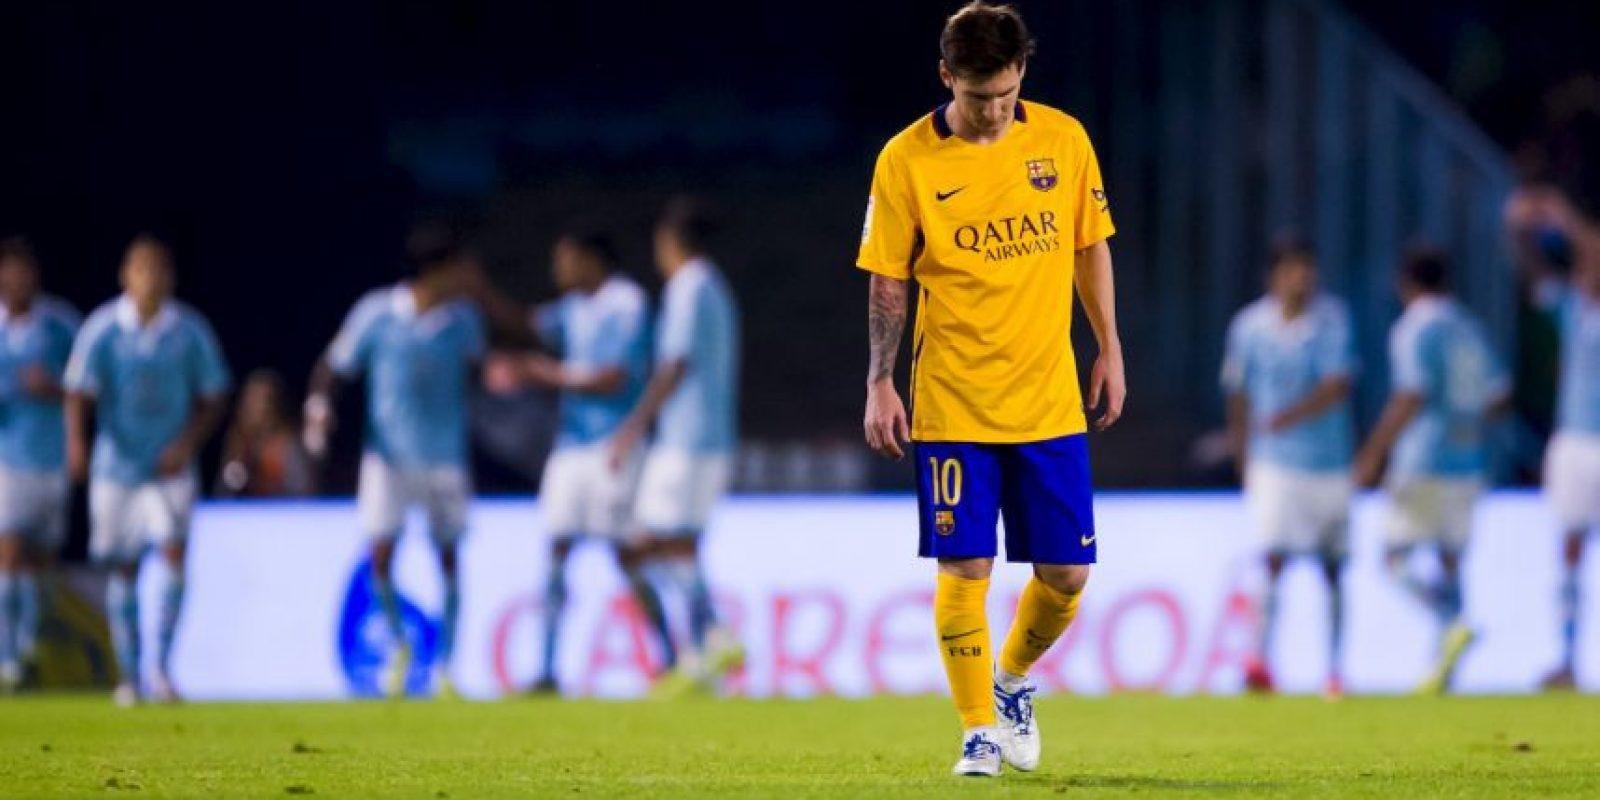 5. Ahora fue humillado 4-1 por el Celta de Vigo Foto:Getty Images